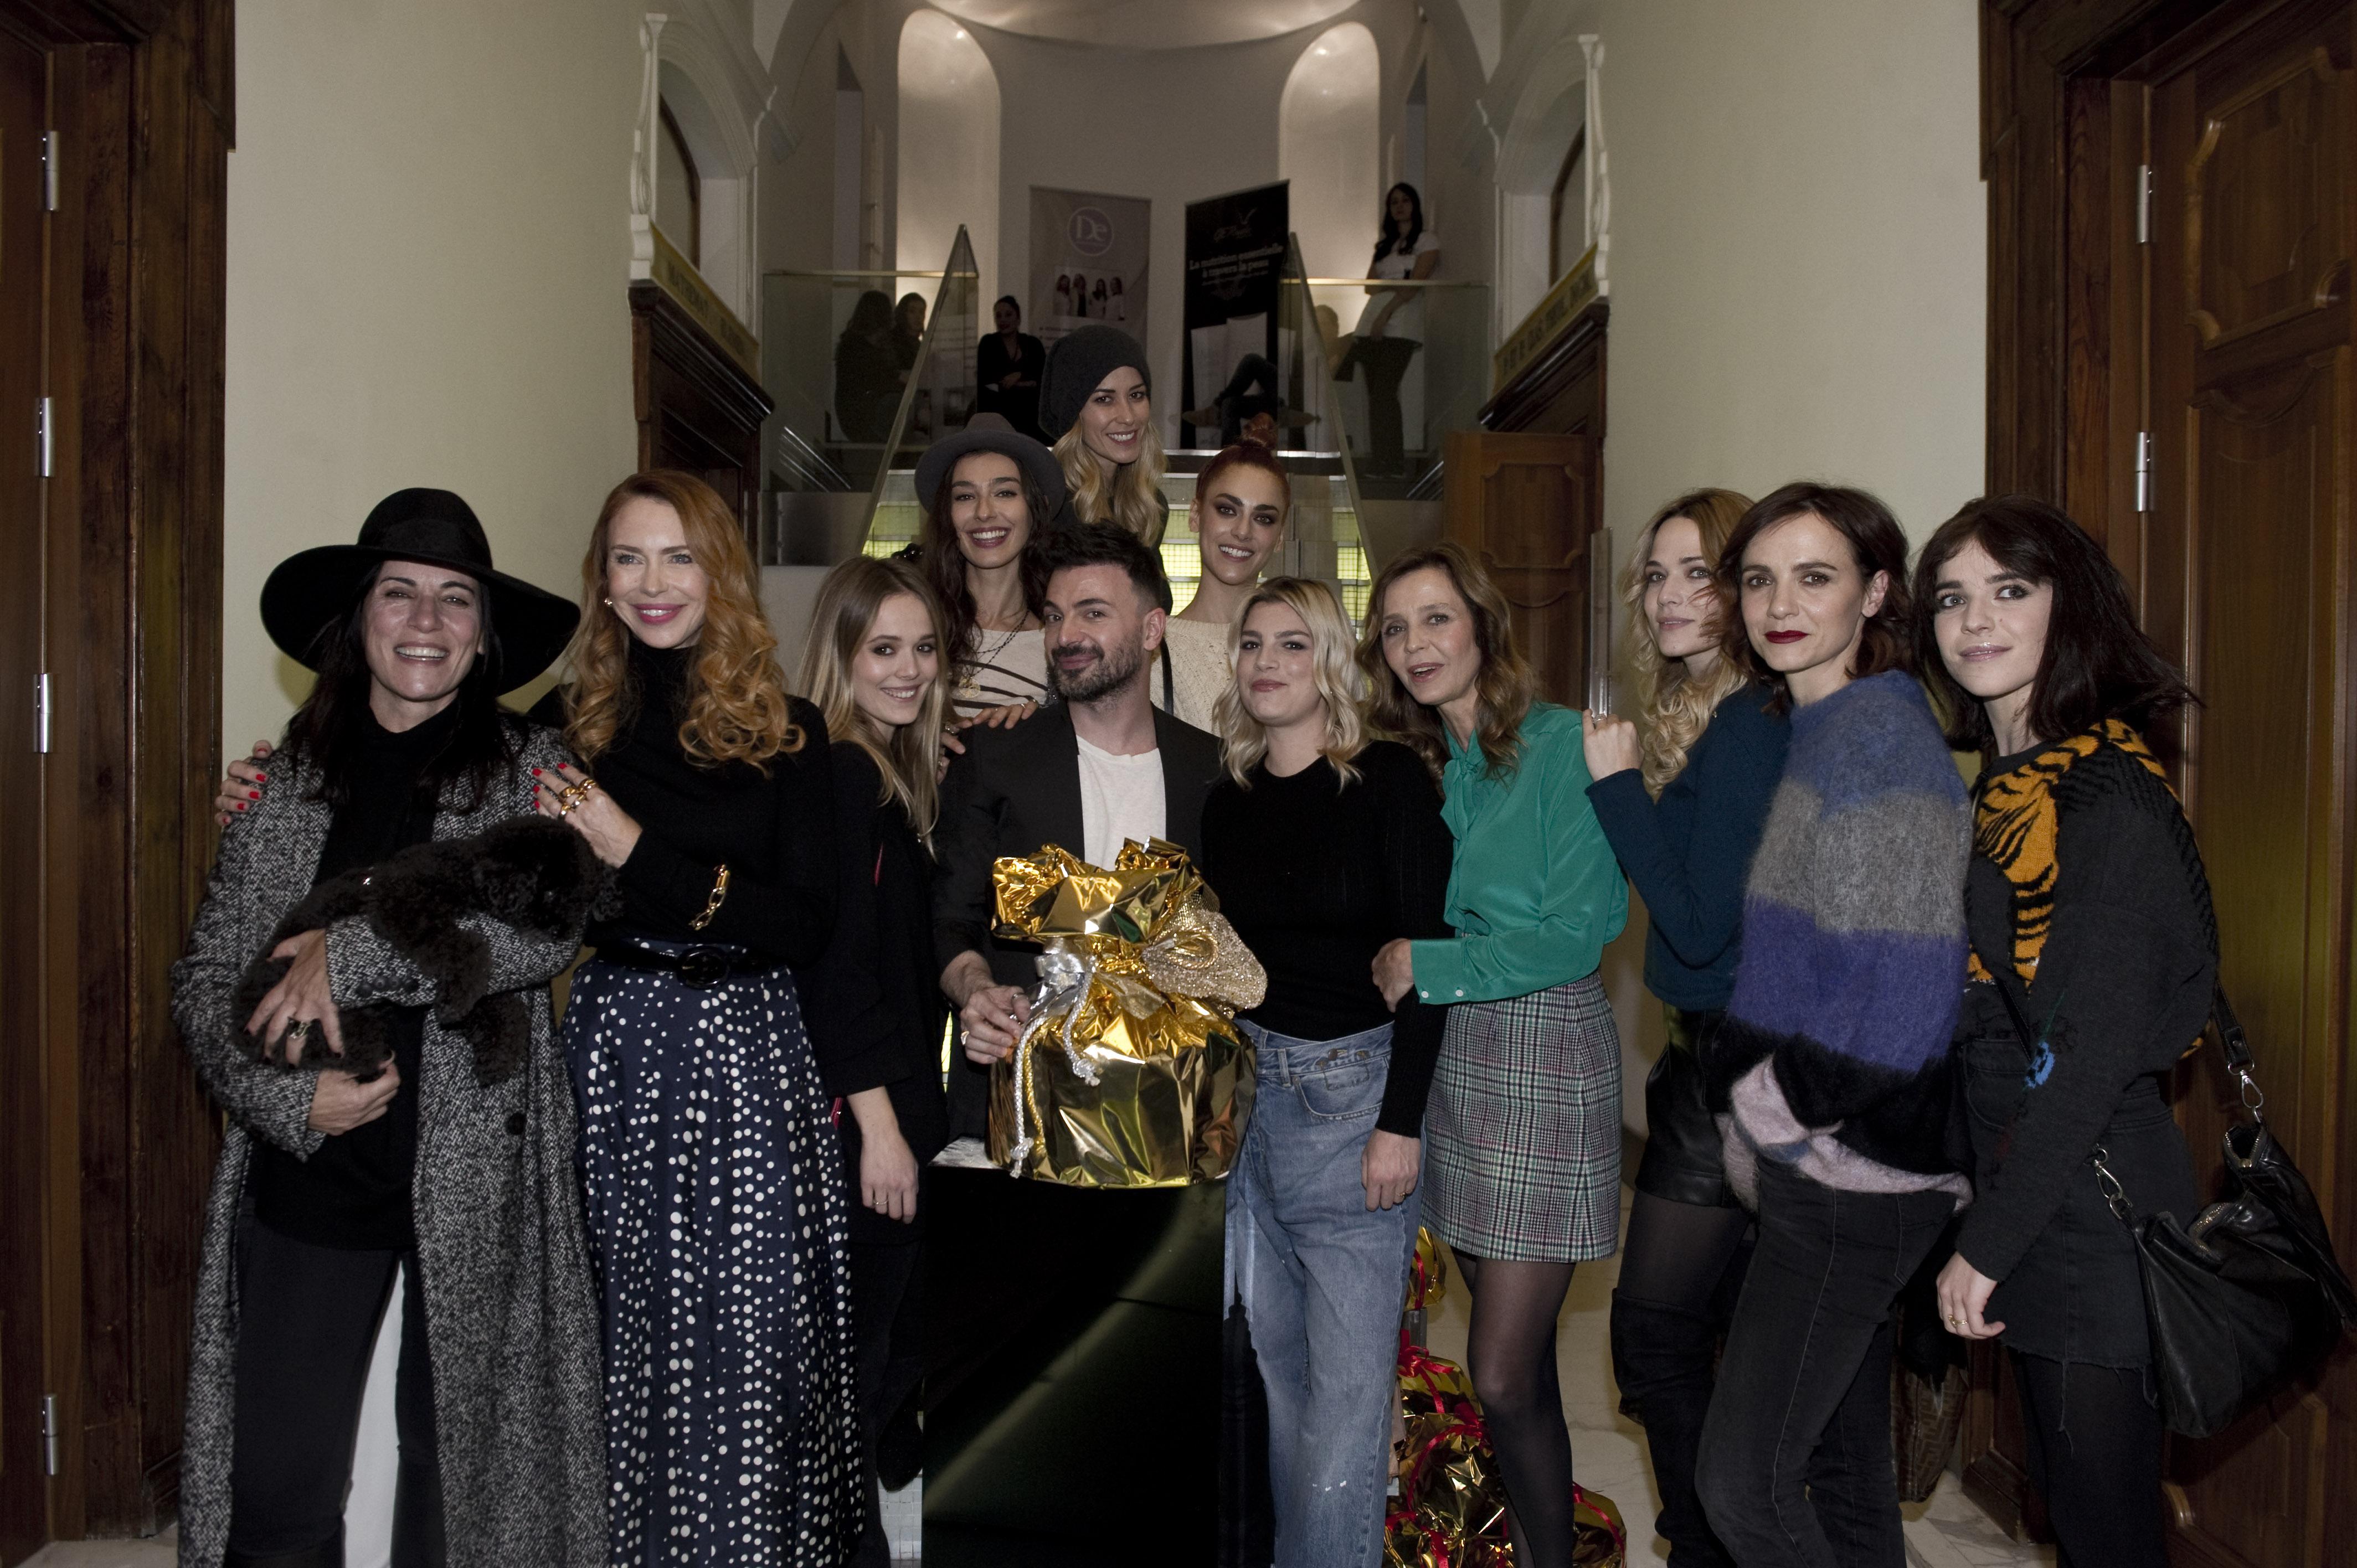 """<span class=""""entry-title-primary"""">Le star del cinema italiano riunite per il Christmas Beauty Day di Simone Belli</span> <span class=""""entry-subtitle"""">Tantissime celebrità del piccolo e del grande schermo nostrano si sono ritrovate durante l'evento dedicato al beauty e al benessere.</span>"""